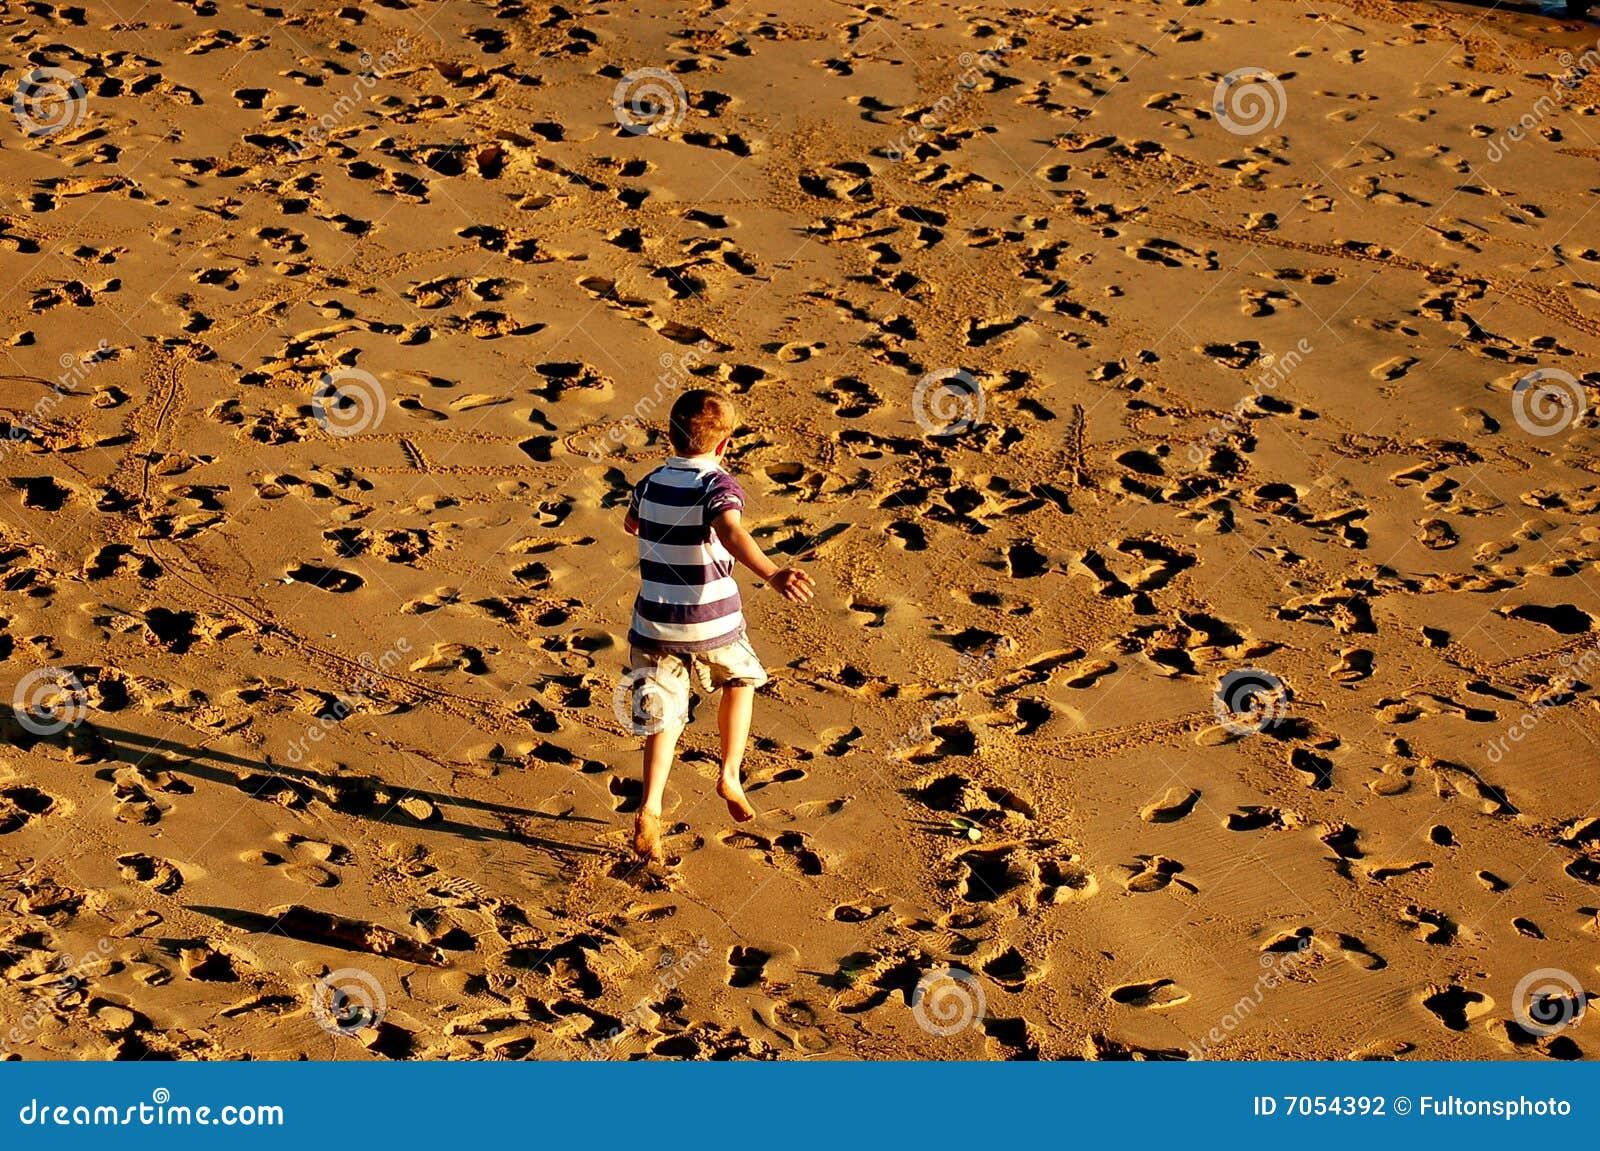 Fun on the beach sand